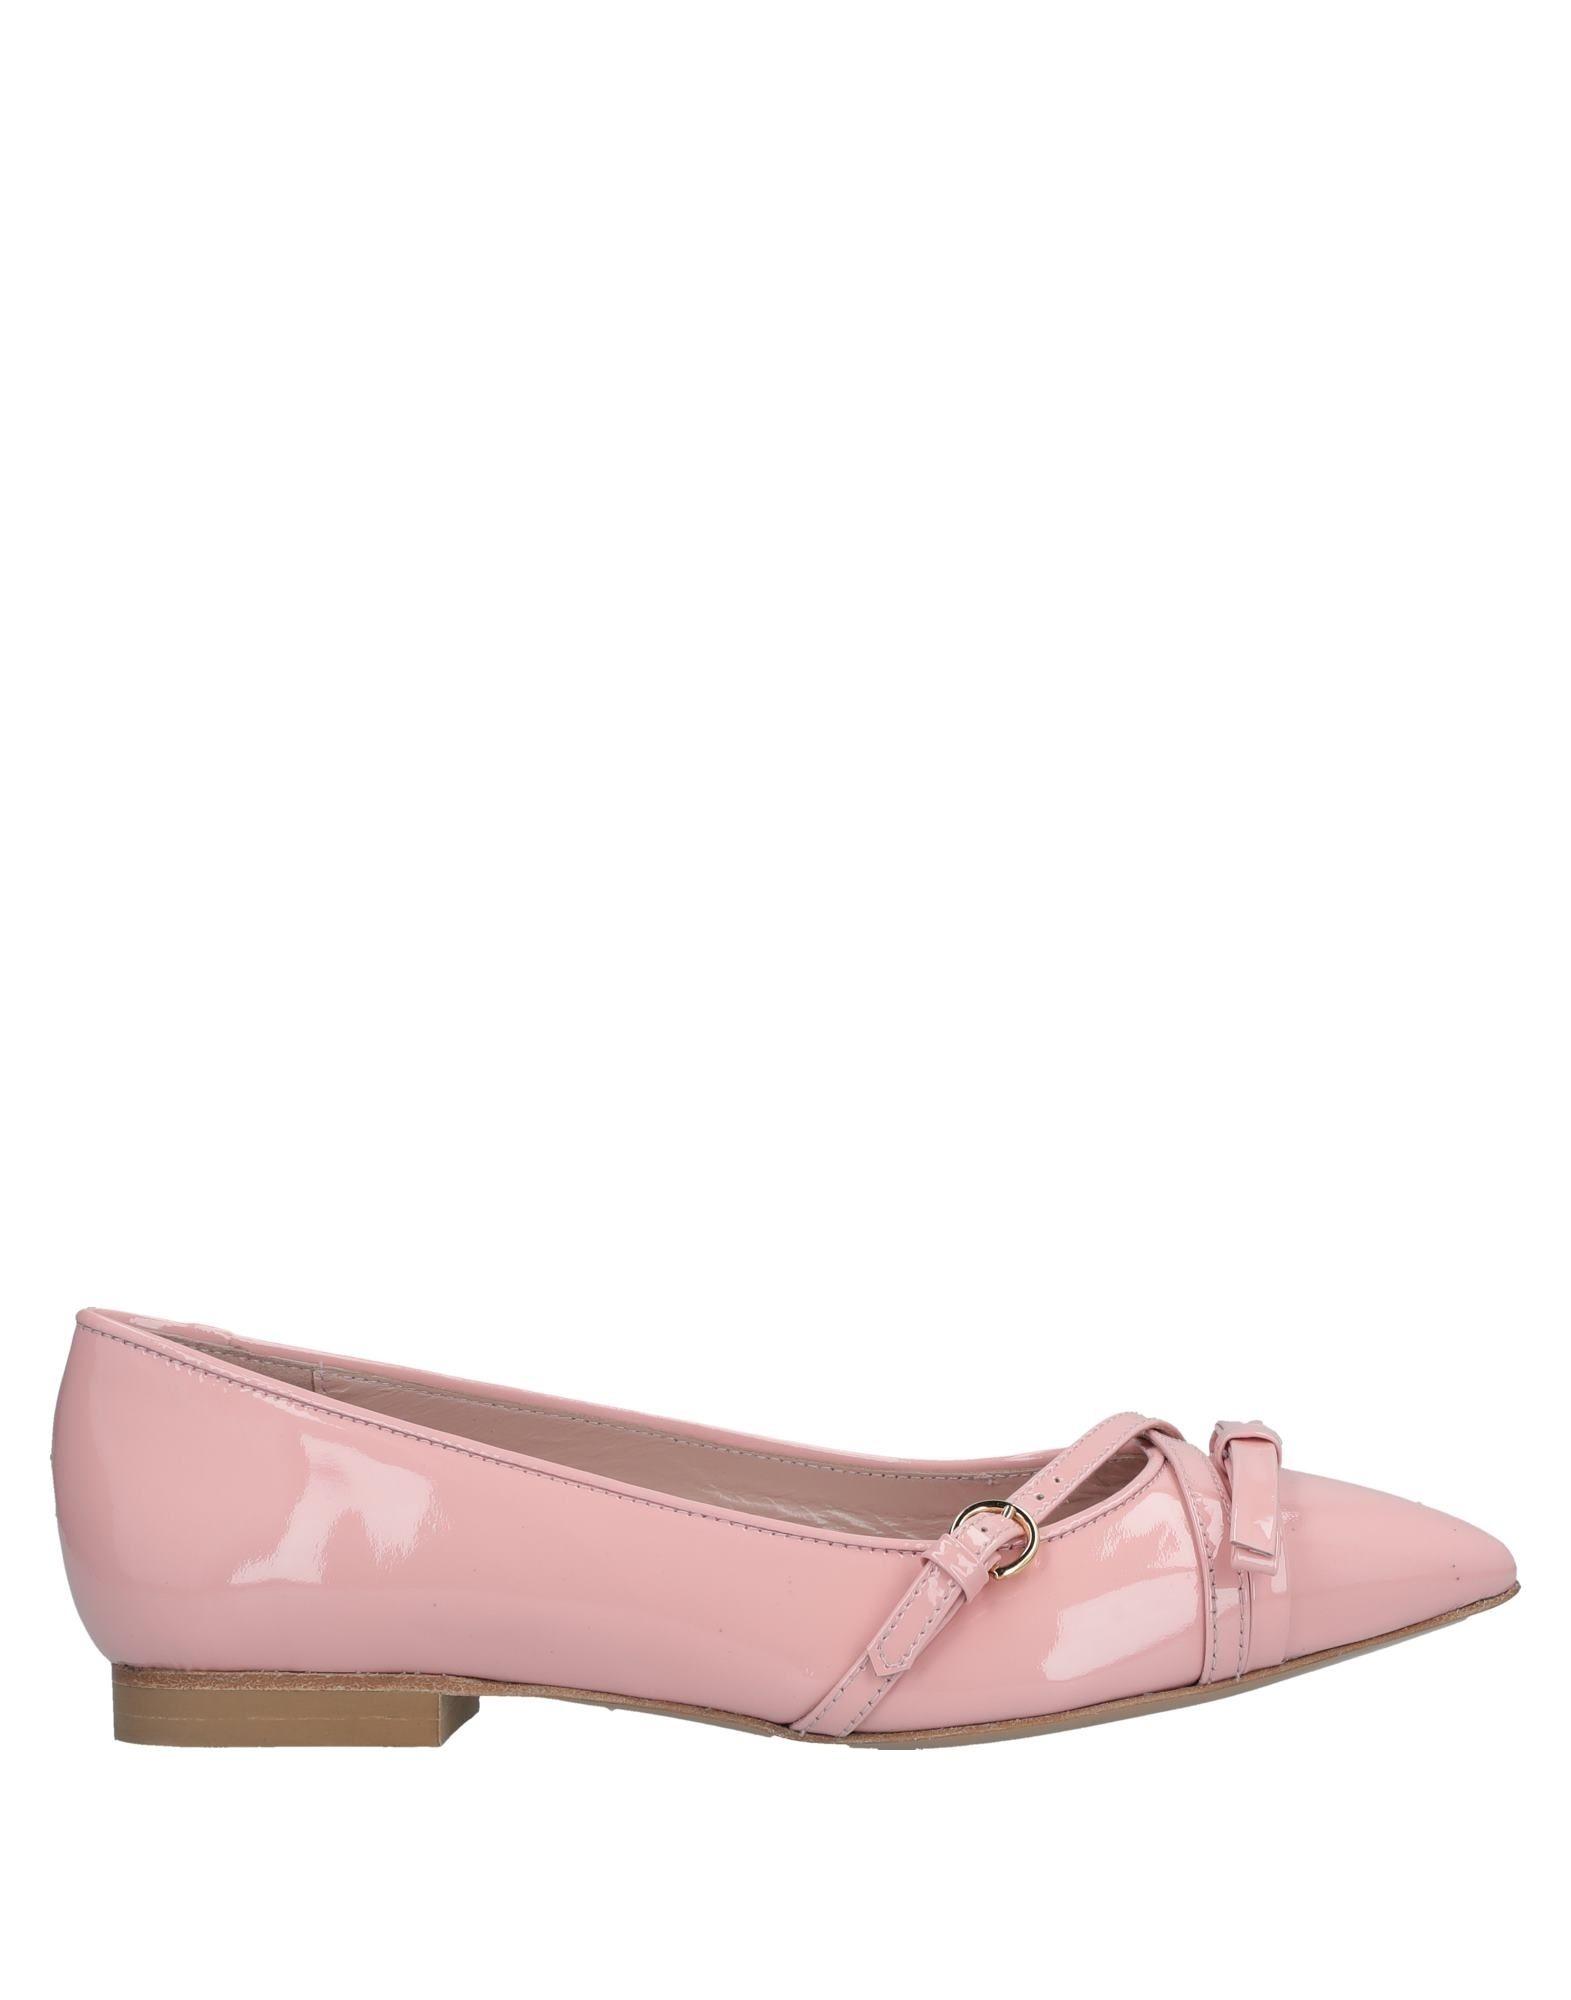 Boutique Moschino Ballerinas 11535895LT Damen  11535895LT Ballerinas Beliebte Schuhe e45418